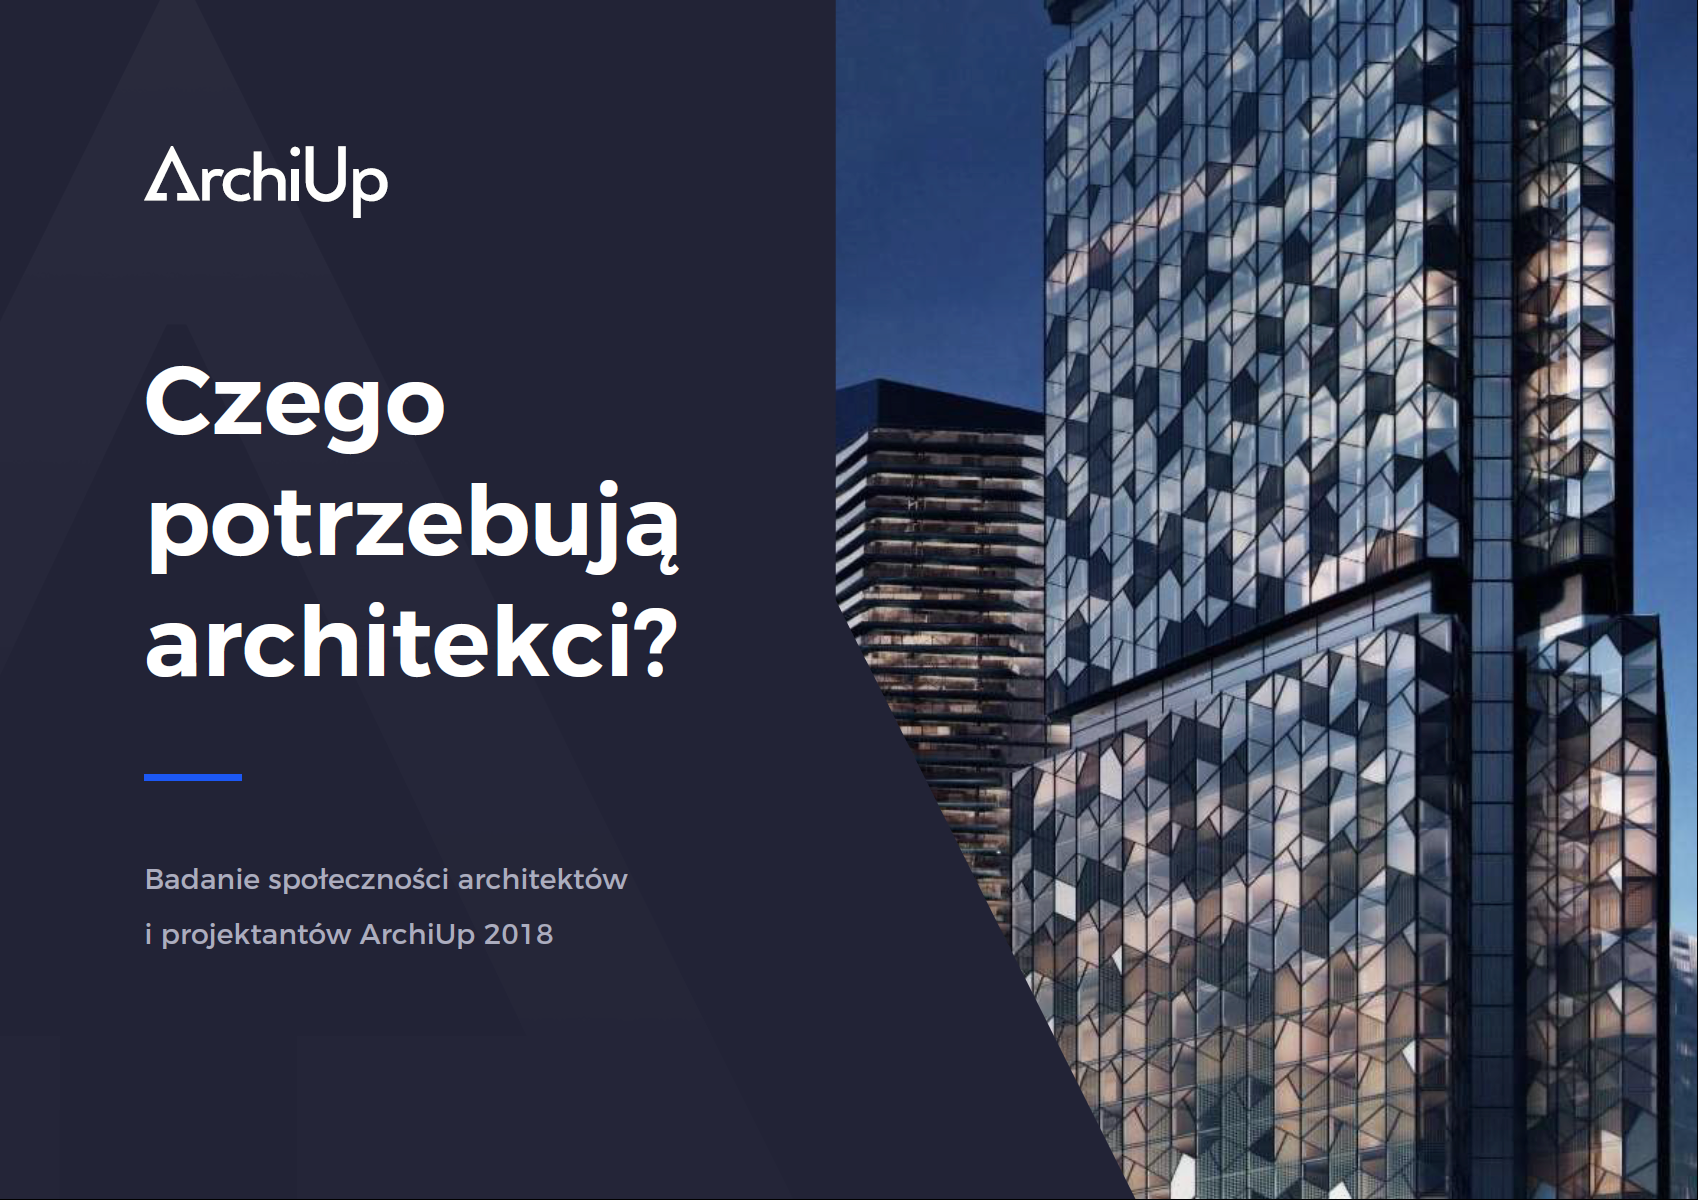 Raport z rynku architektów i projektantów - ArchiUp 2018